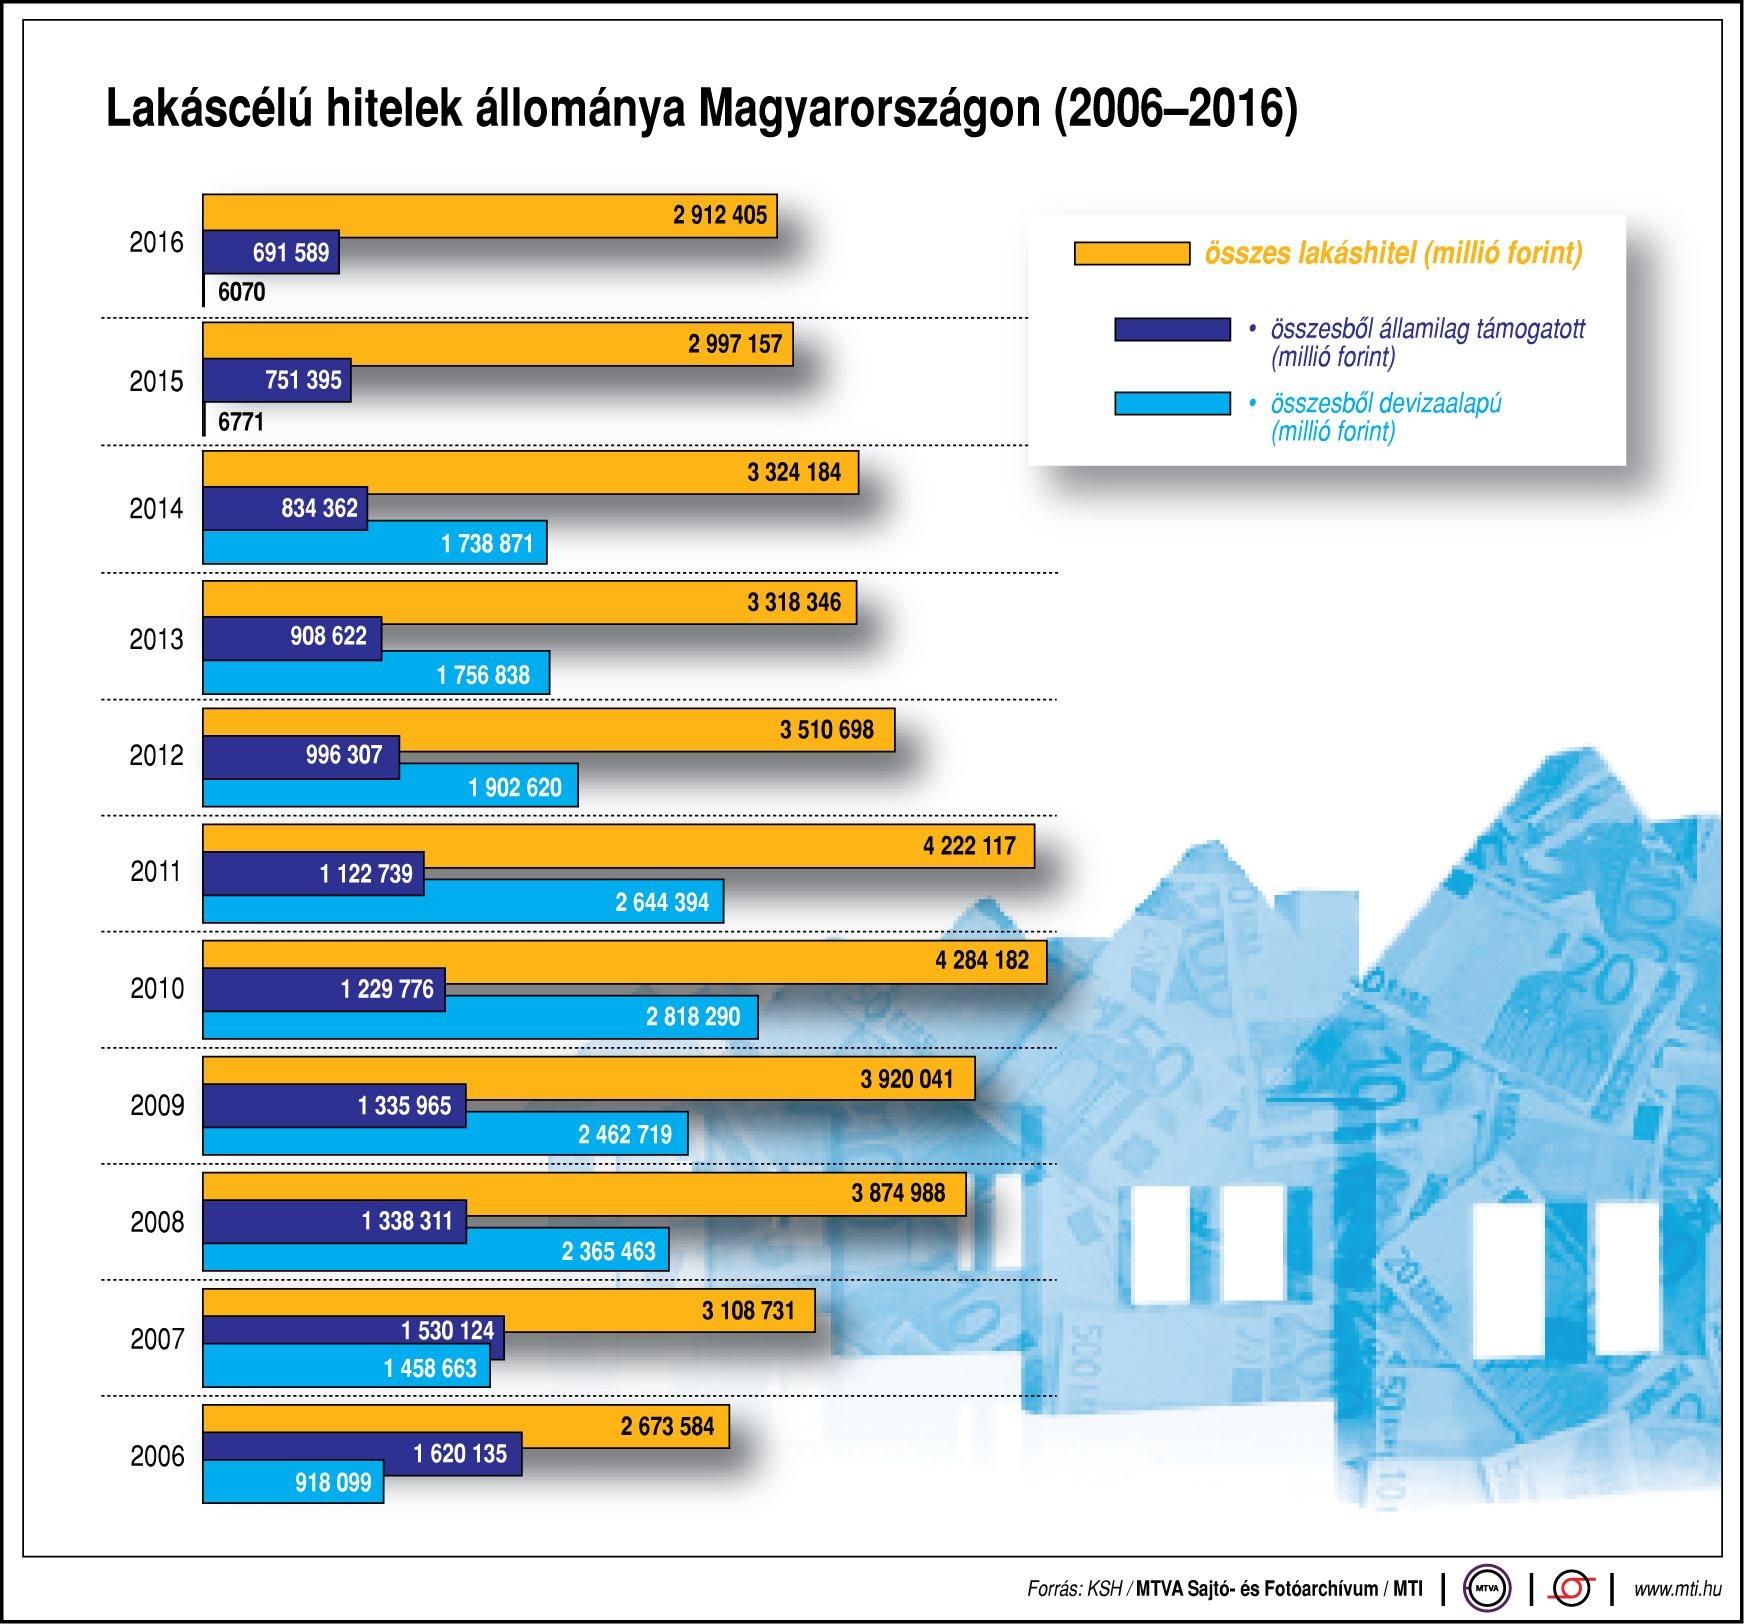 Lakáscélú hitelek Magyarországon - egy ábrán